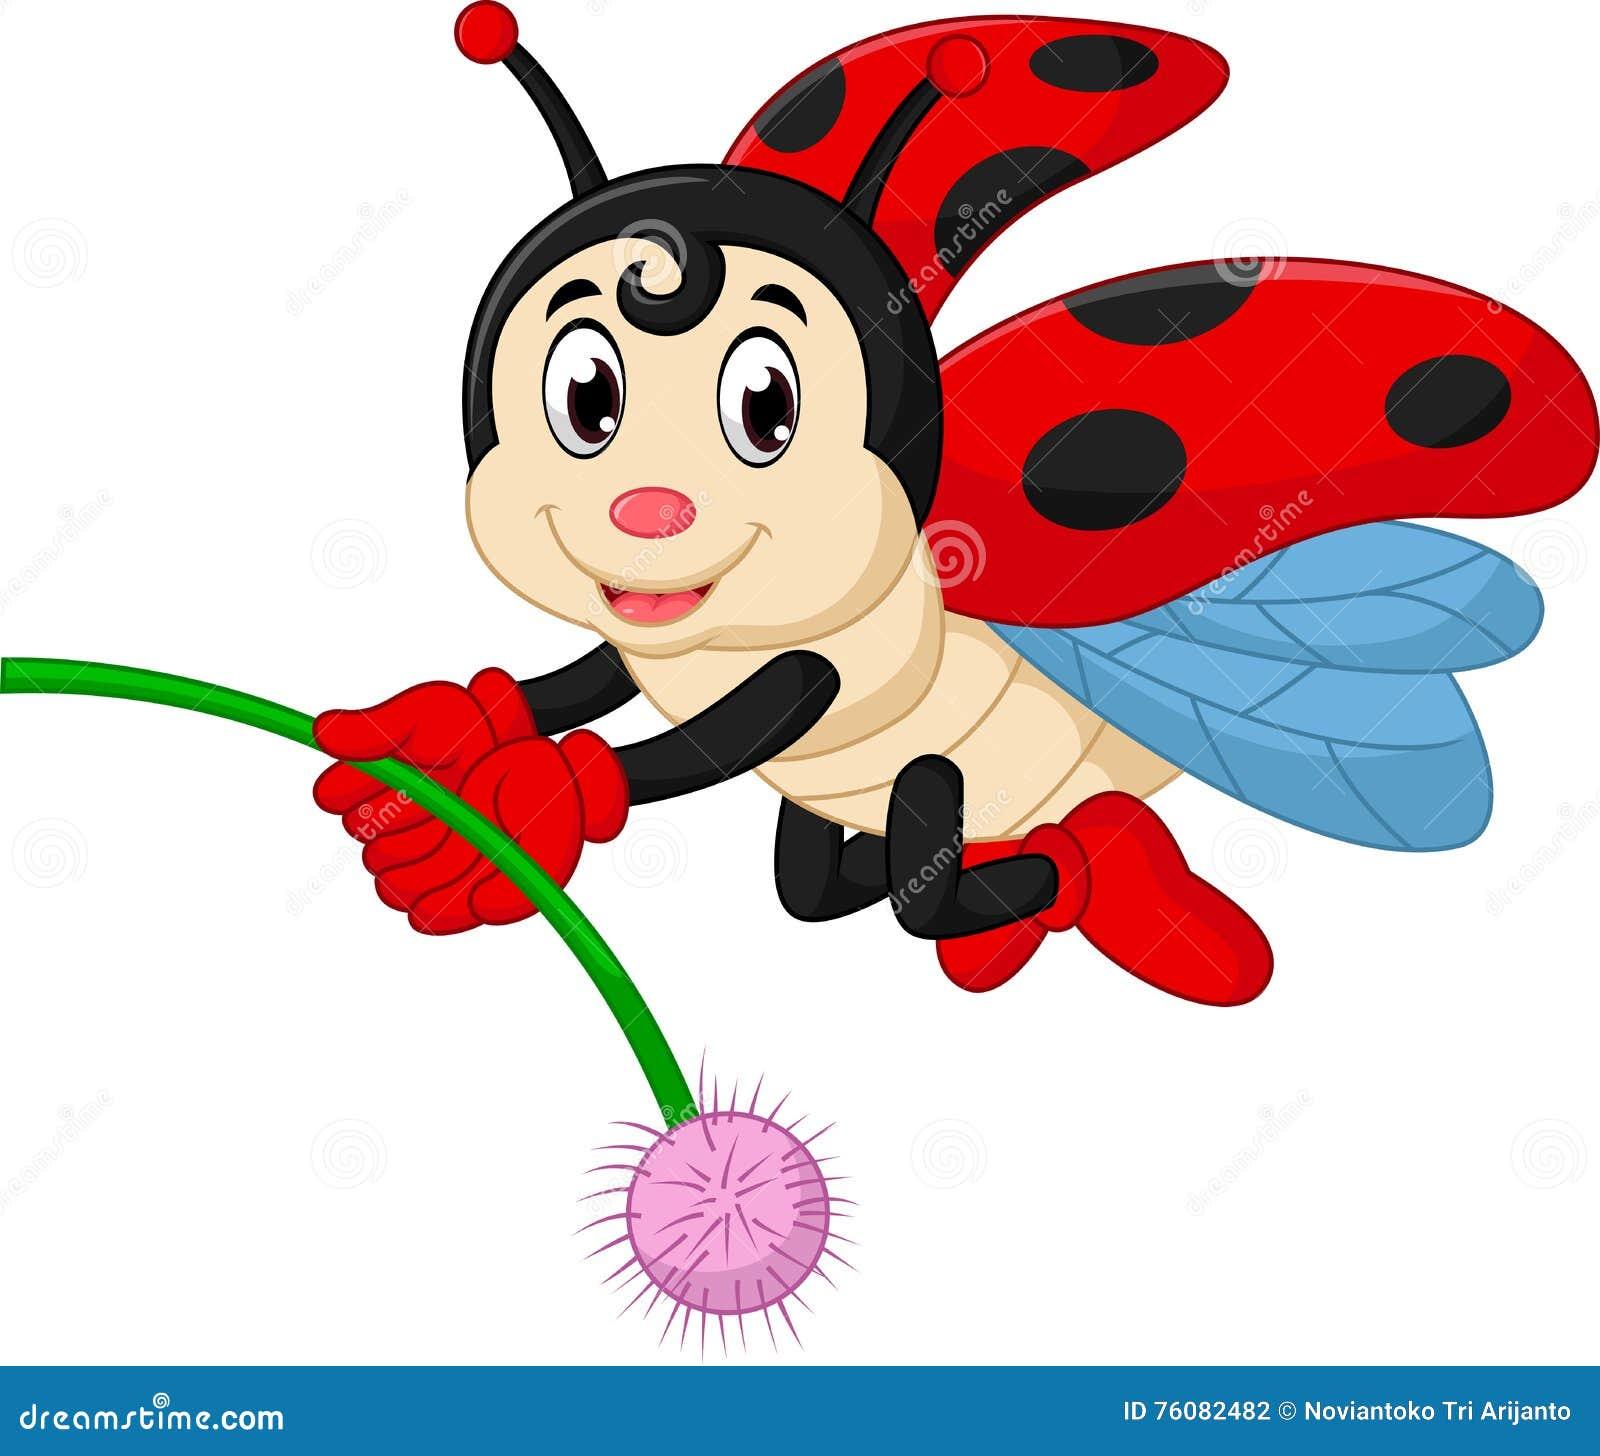 Desenho Joaninha ~ Desenhos Animados Do Joaninha Ilustraç u00e3o do Vetor Imagem 76082482